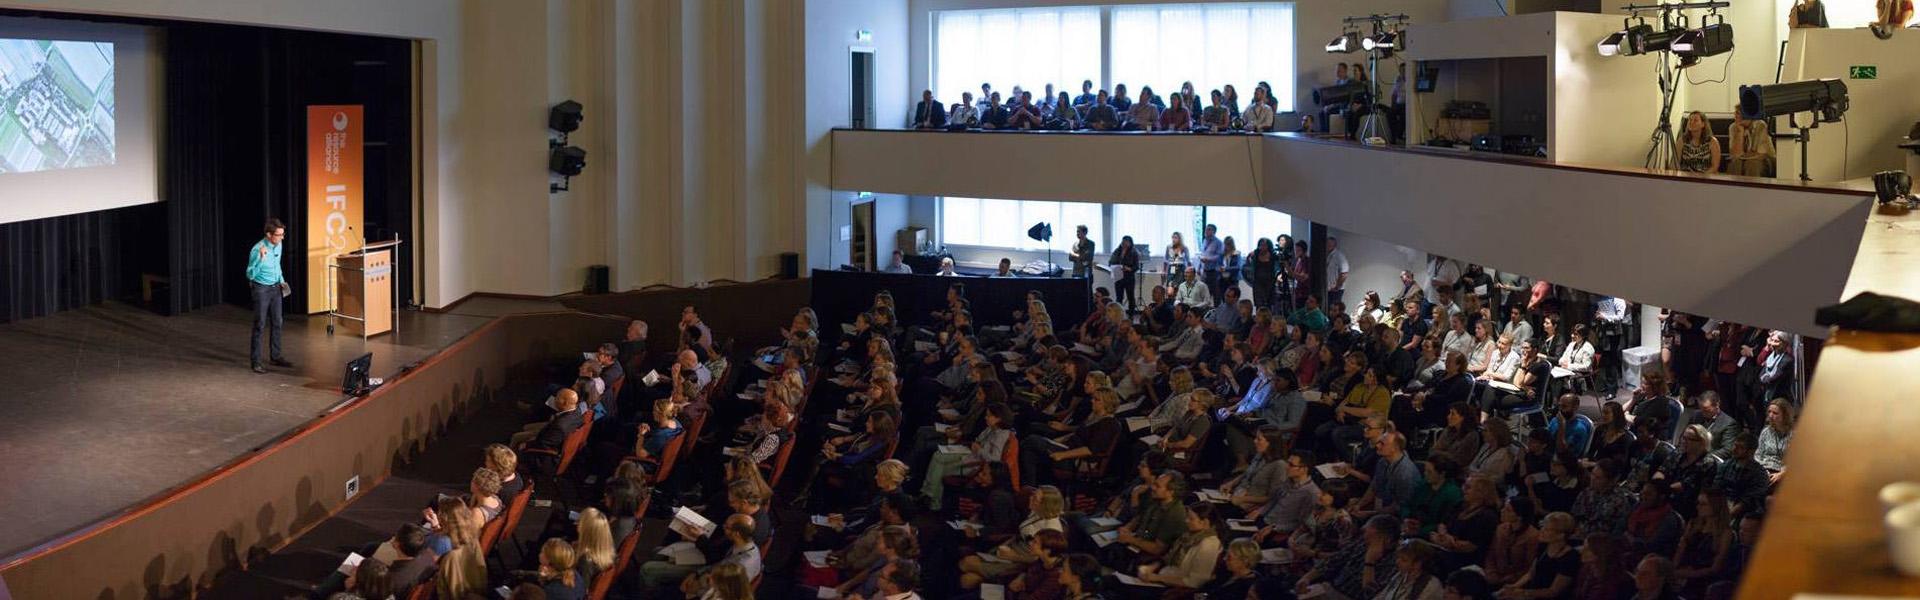 Jan-IFC-Vortrag-2015-Kopie31